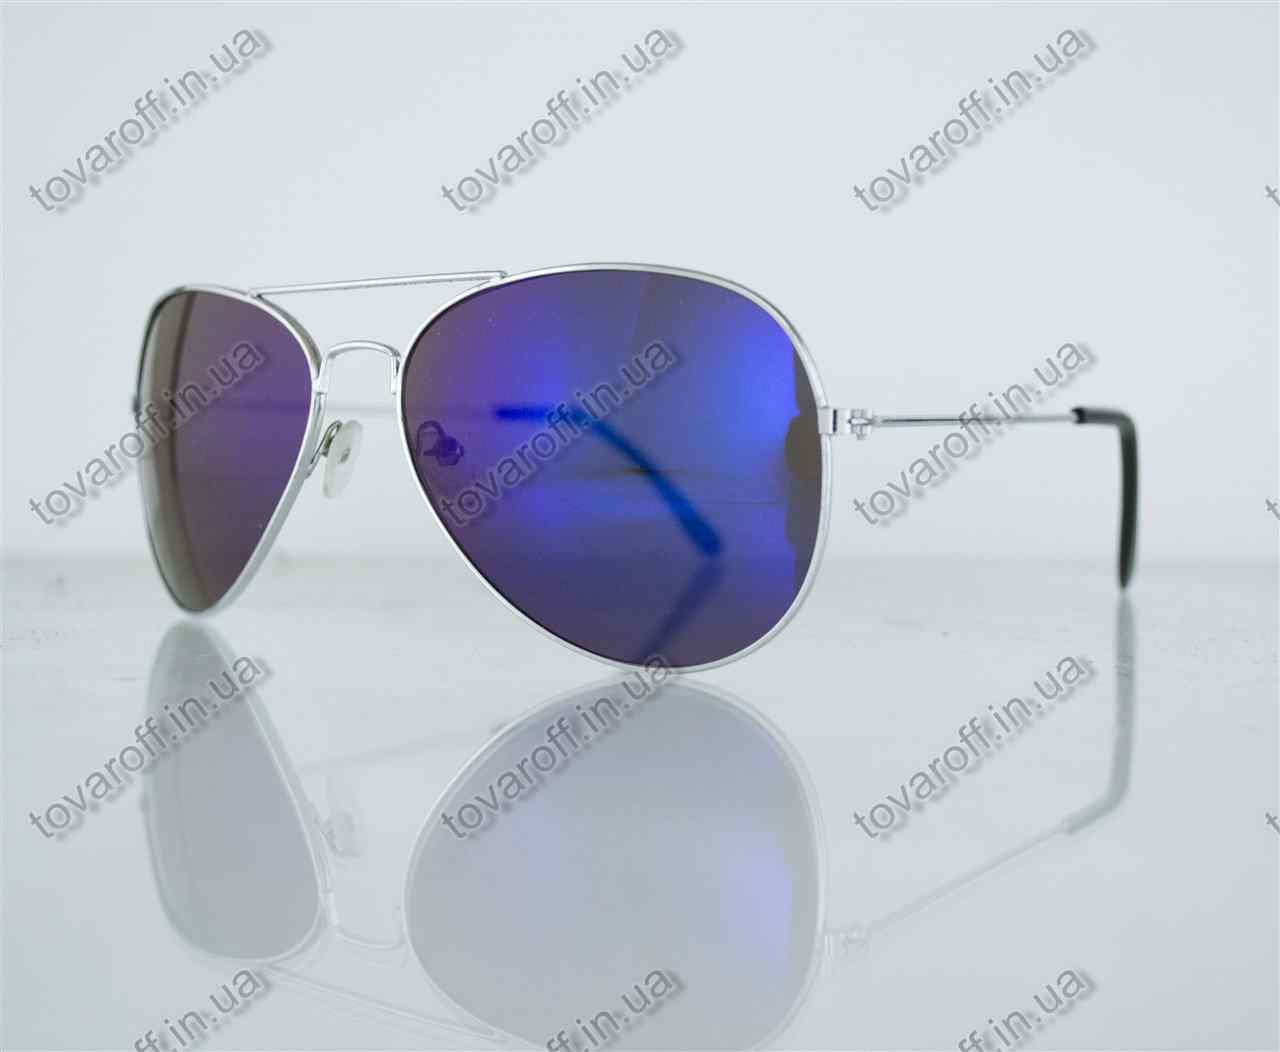 Оптом окуляри унісекс сонцезахисні Aviator (Авіатор) дзеркальні - Срібні - 3008